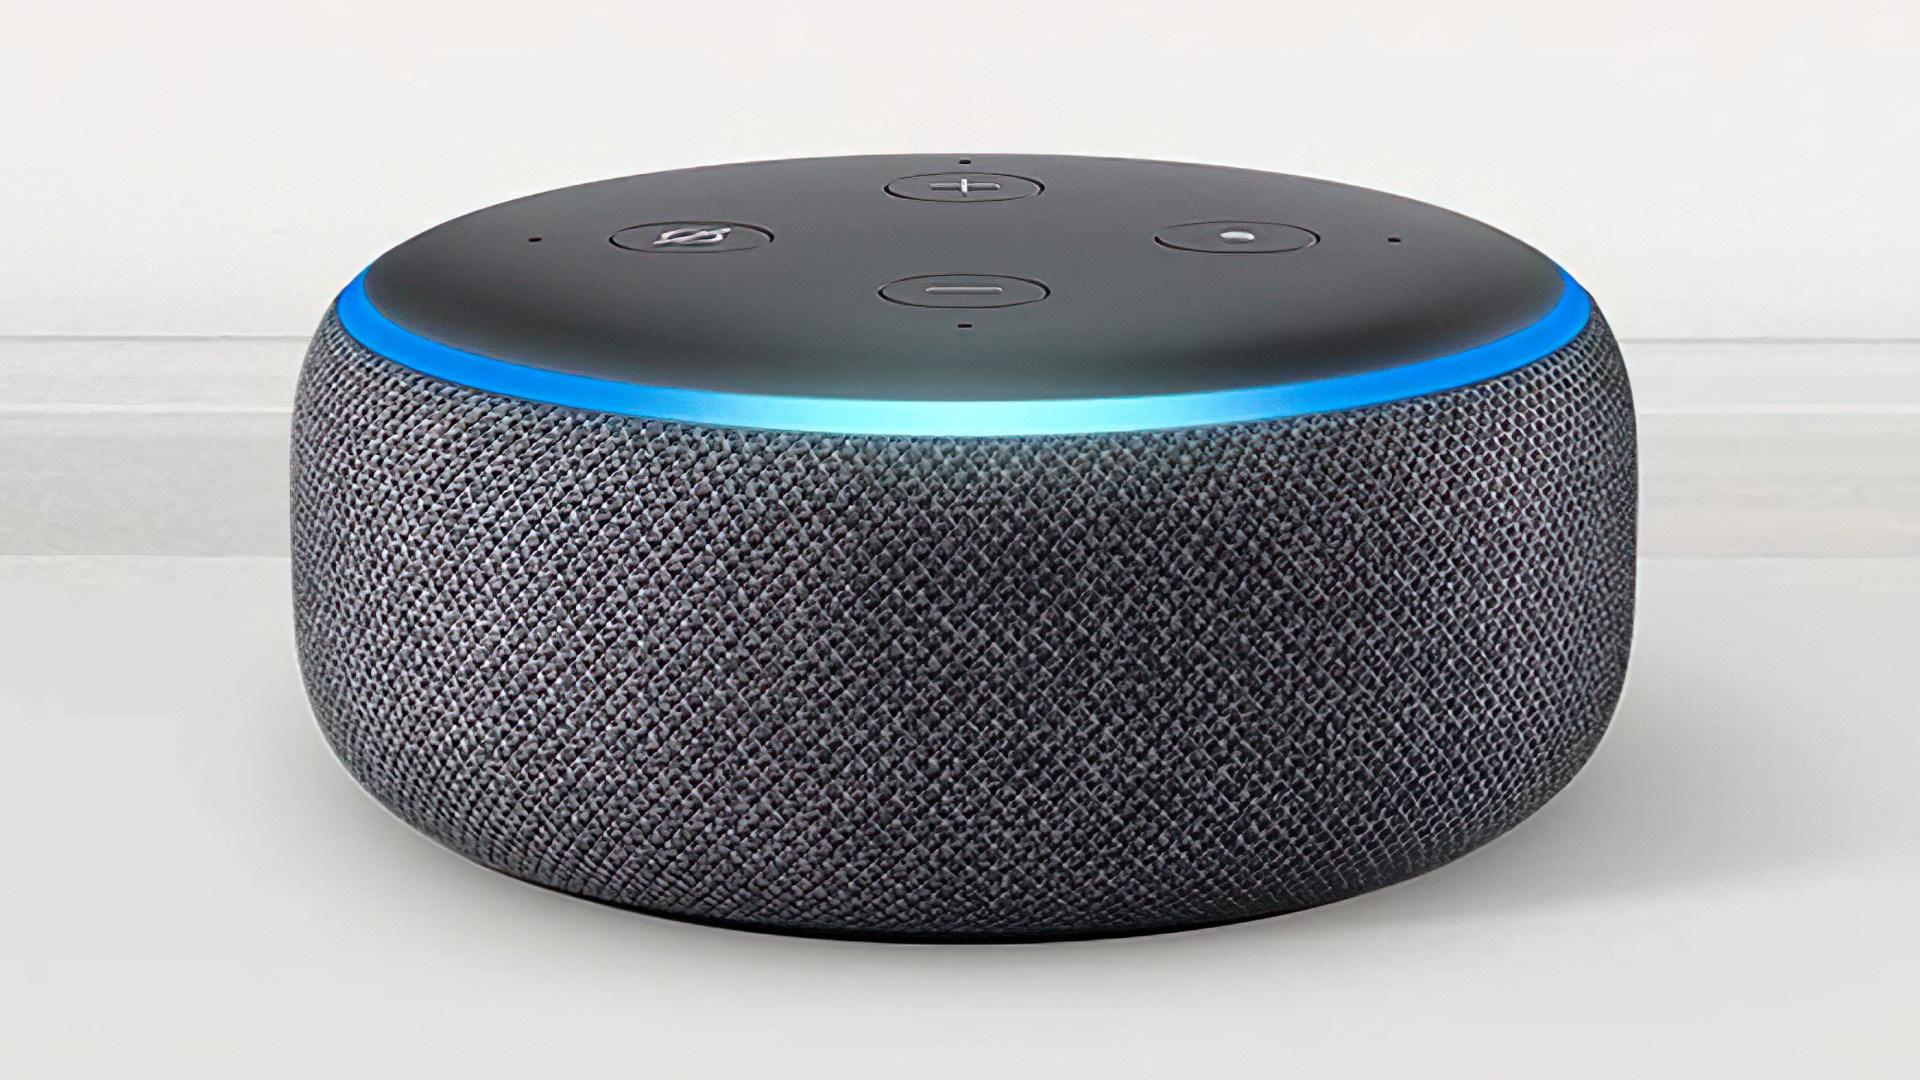 Amazon, Sprachassistent, Sprachsteuerung, Spracherkennung, Lautsprecher, Alexa, Smart Home, Amazon Echo, Echo, speaker, Smart, Echo Dot, Echo Dot 3